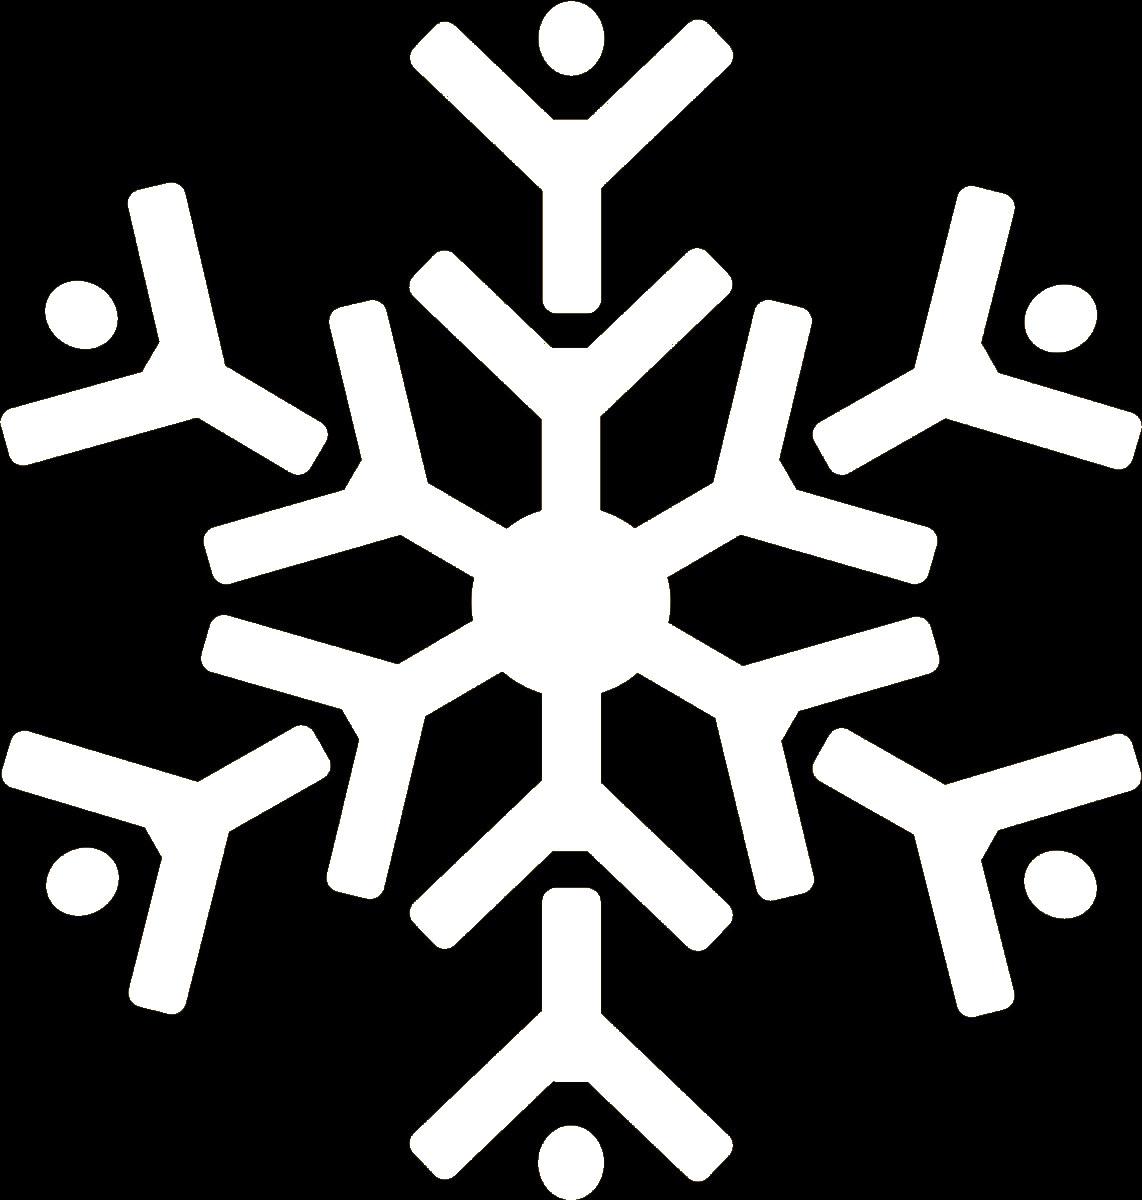 Наклейка автомобильная Оранжевый слоник Снежинка 3, виниловая, цвет: белыйВетерок 2ГФОригинальная наклейка Оранжевый слоник Снежинка 3 изготовлена из высококачественной виниловой пленки, которая выполняет не только декоративную функцию, но и защищает кузов автомобиля от небольших механических повреждений, либо скрывает уже существующие.Виниловые наклейки на автомобиль - это не только красиво, но еще и быстро! Всего за несколько минут вы можете полностью преобразить свой автомобиль, сделать его ярким, необычным, особенным и неповторимым!